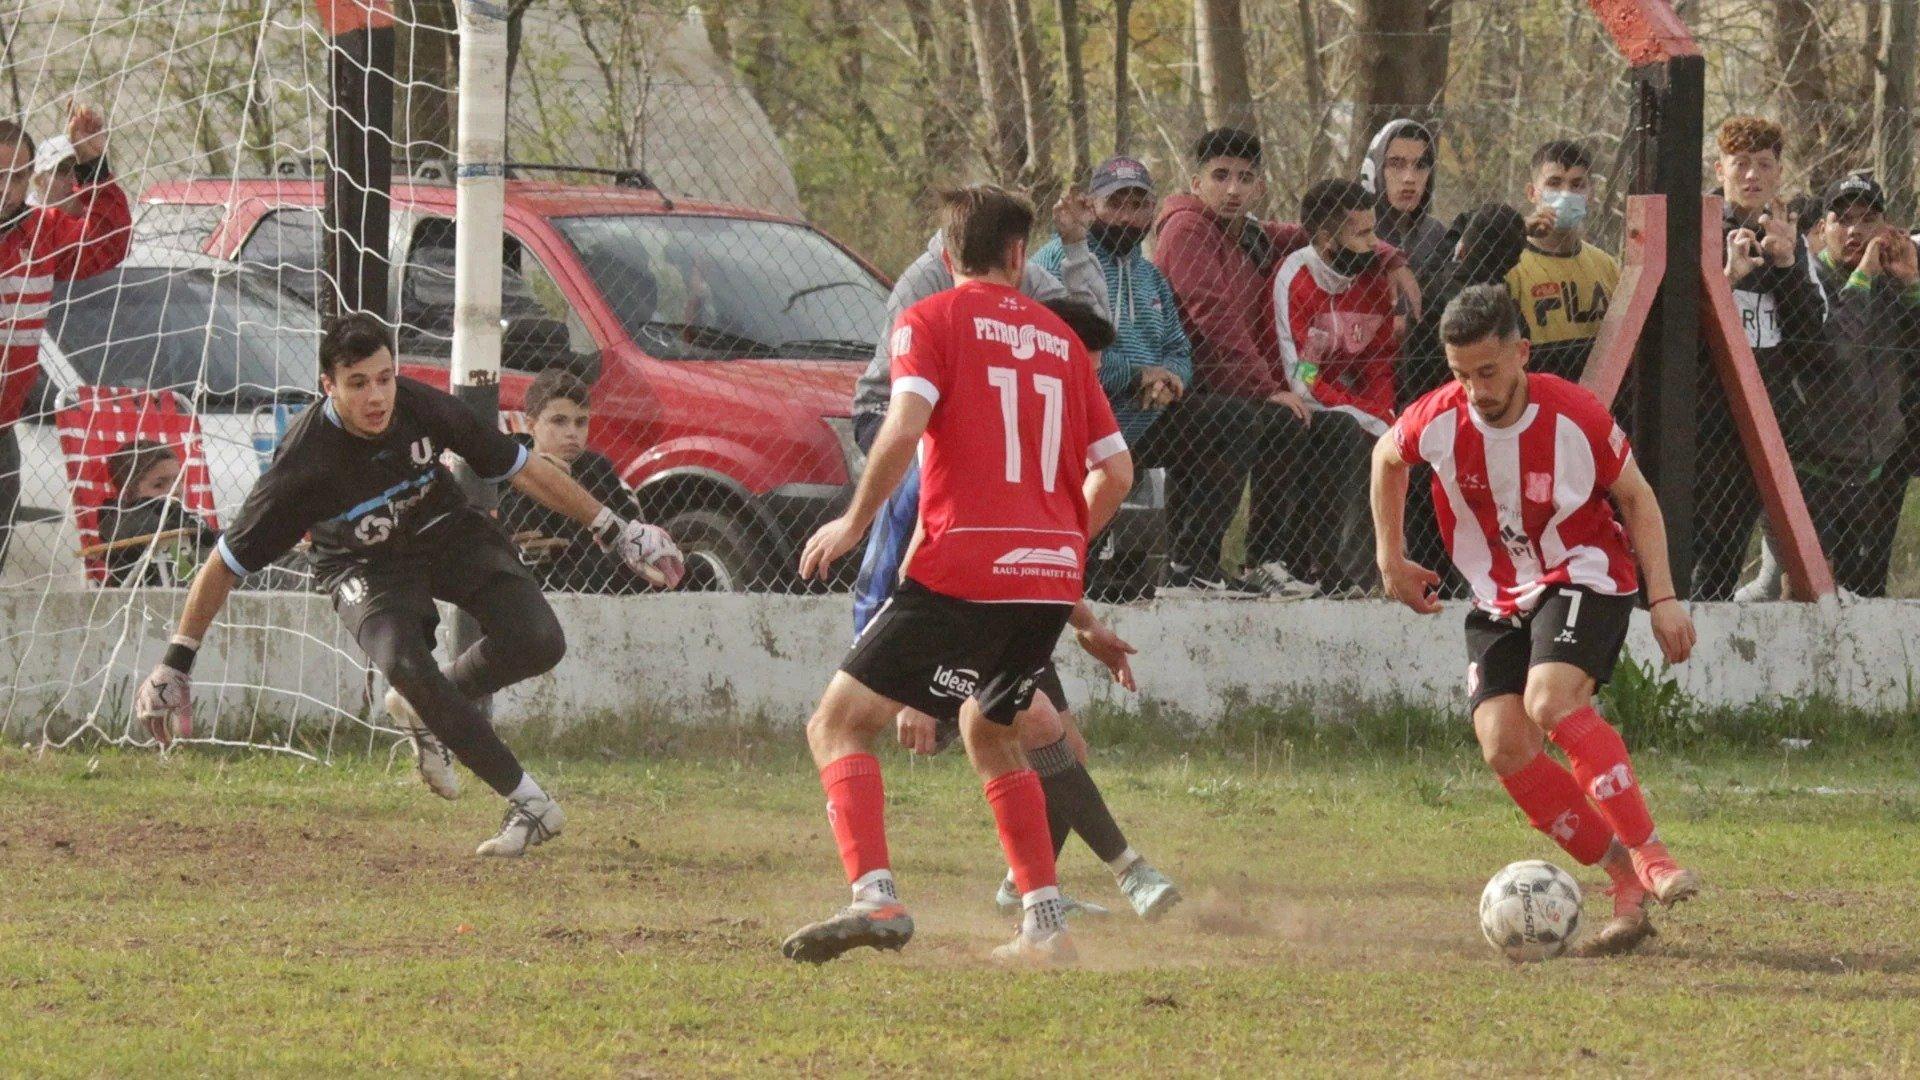 Liga Pampeana: Cambios de horarios en casi todos los partidos por el clásico River-Boca